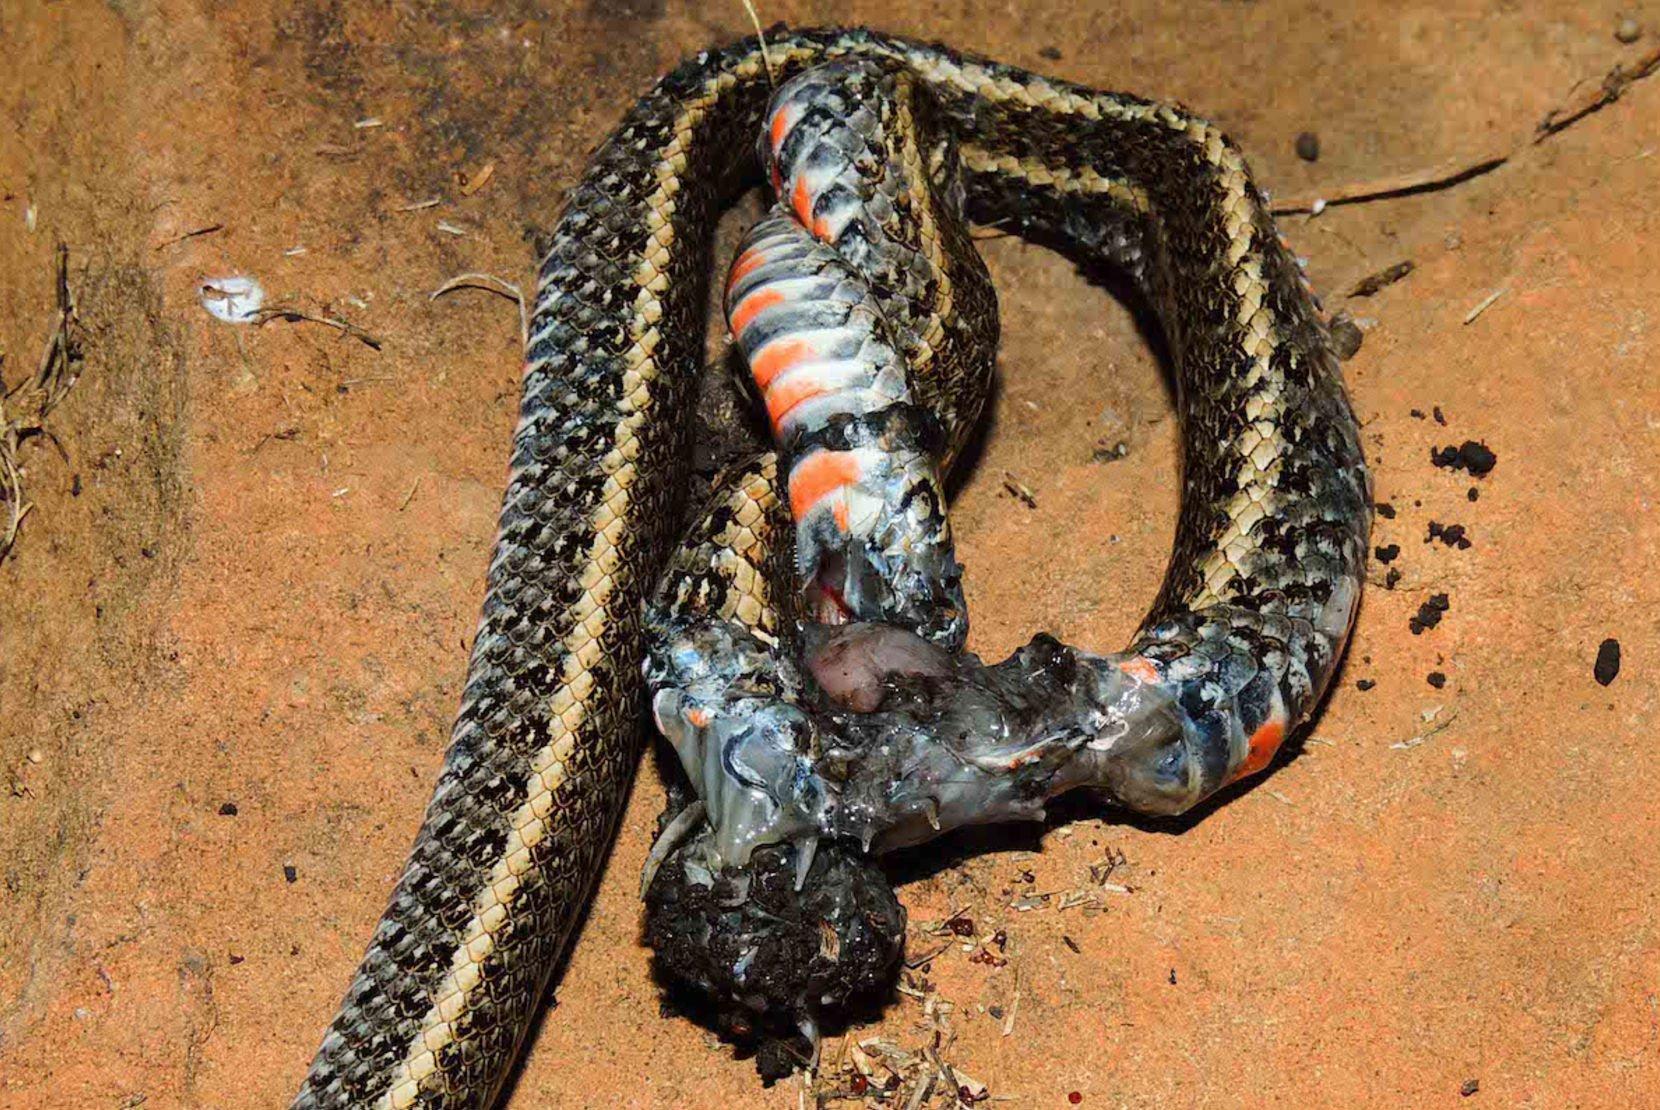 Nhện khổng lồ xả thịt rắn - cảnh tượng khoa học chưa từng thấy bao giờ - Ảnh 3.